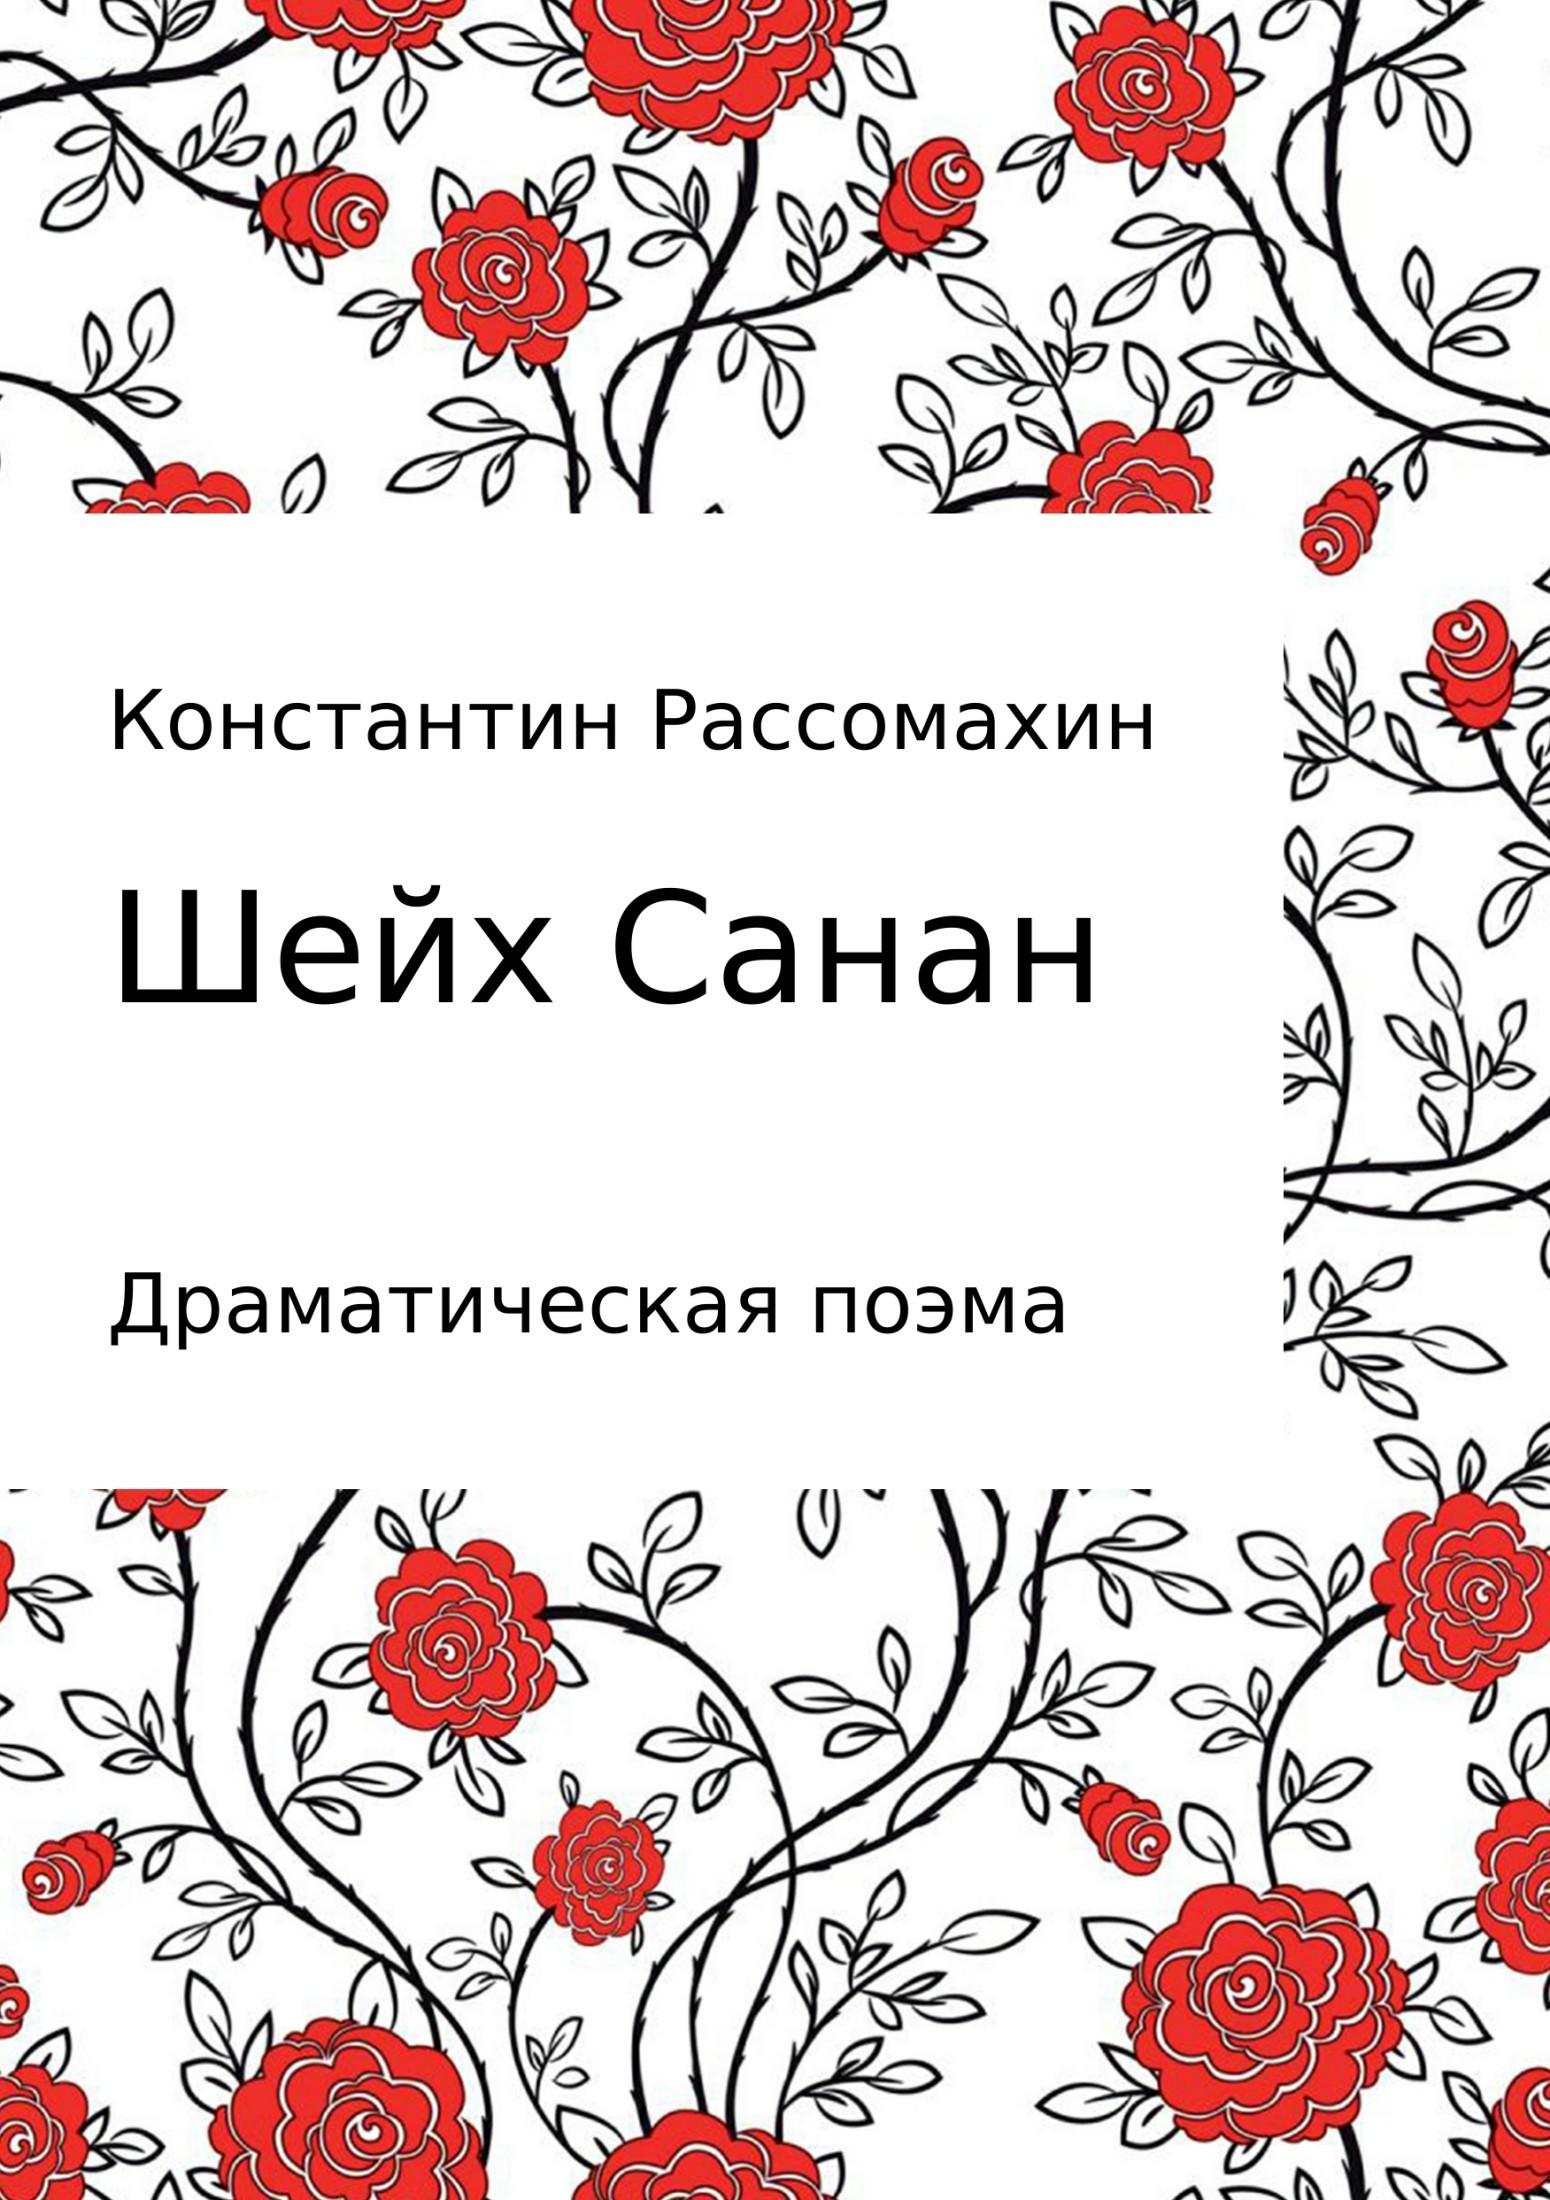 Константин Рассомахин - Шейх Санан